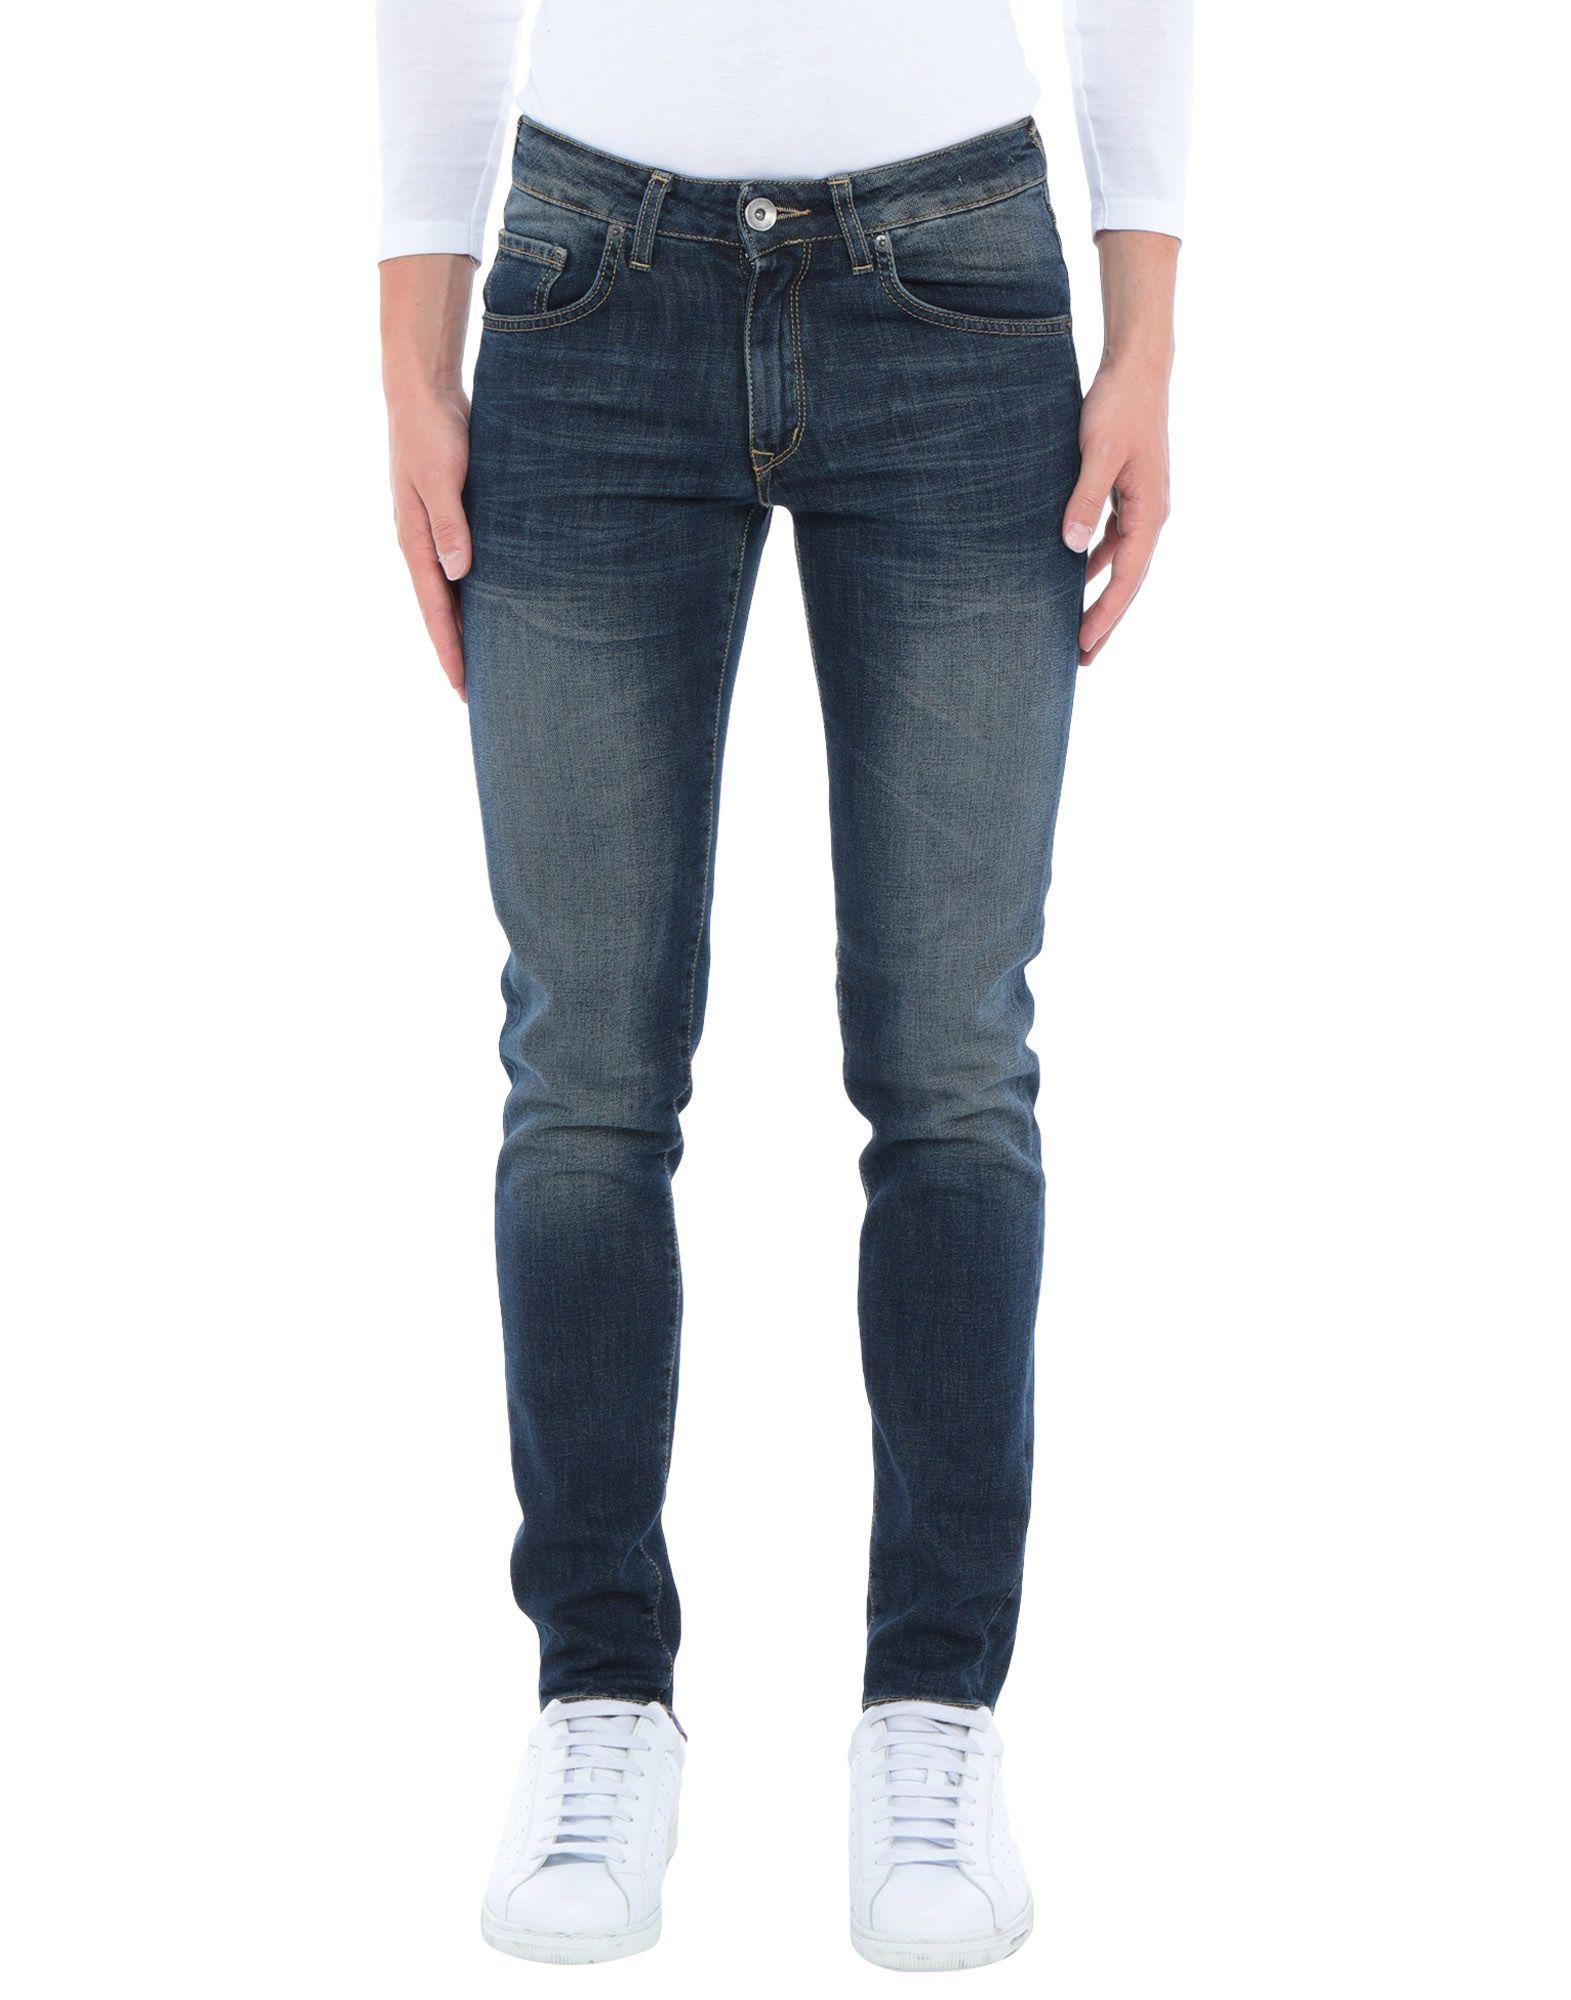 HAPPER & CO Джинсовые брюки стоимость